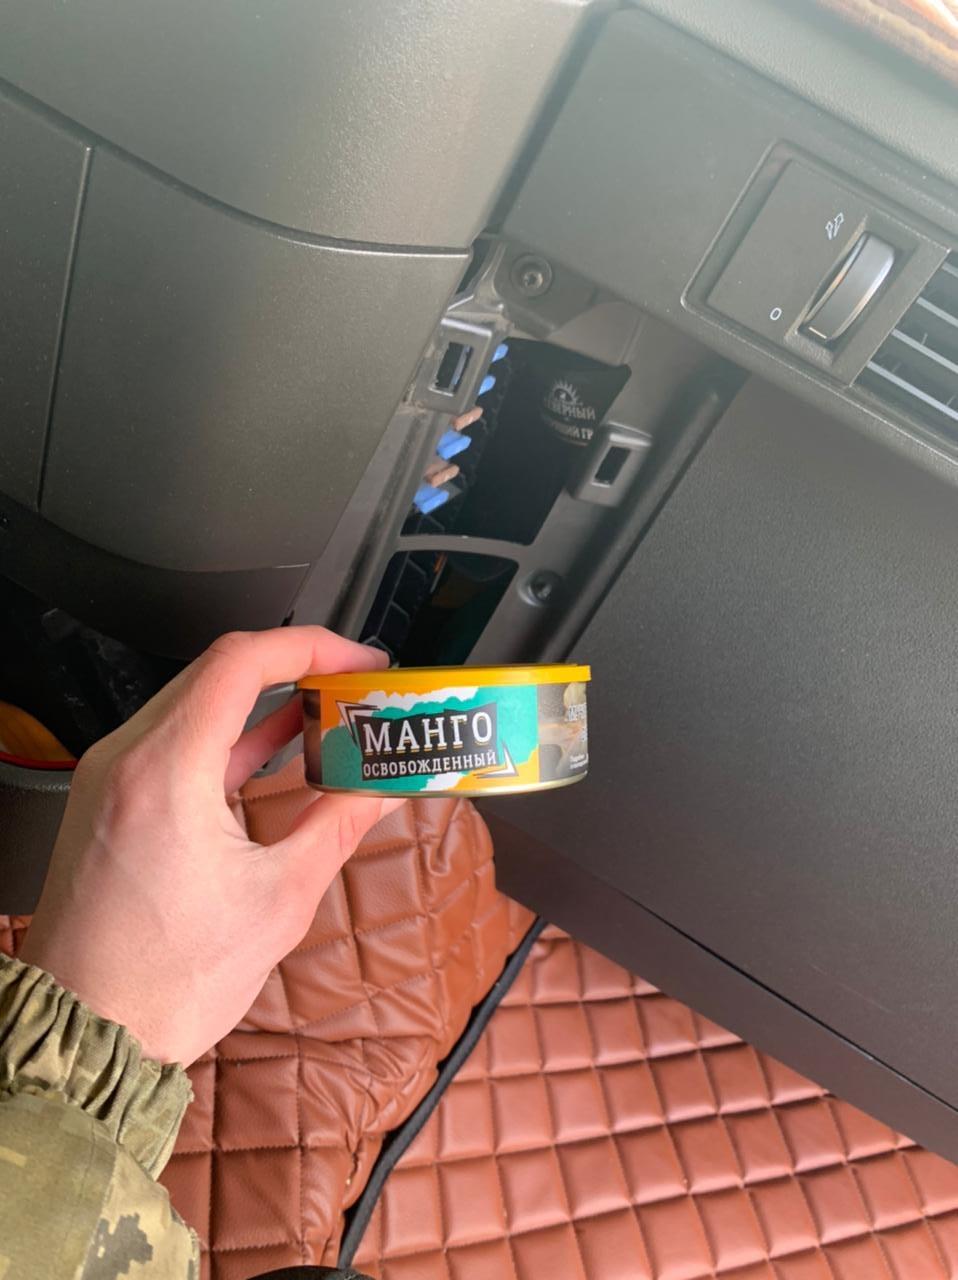 У «Нових Яриловичах» у консервних банках виявили суміш для кальяну (Фото)